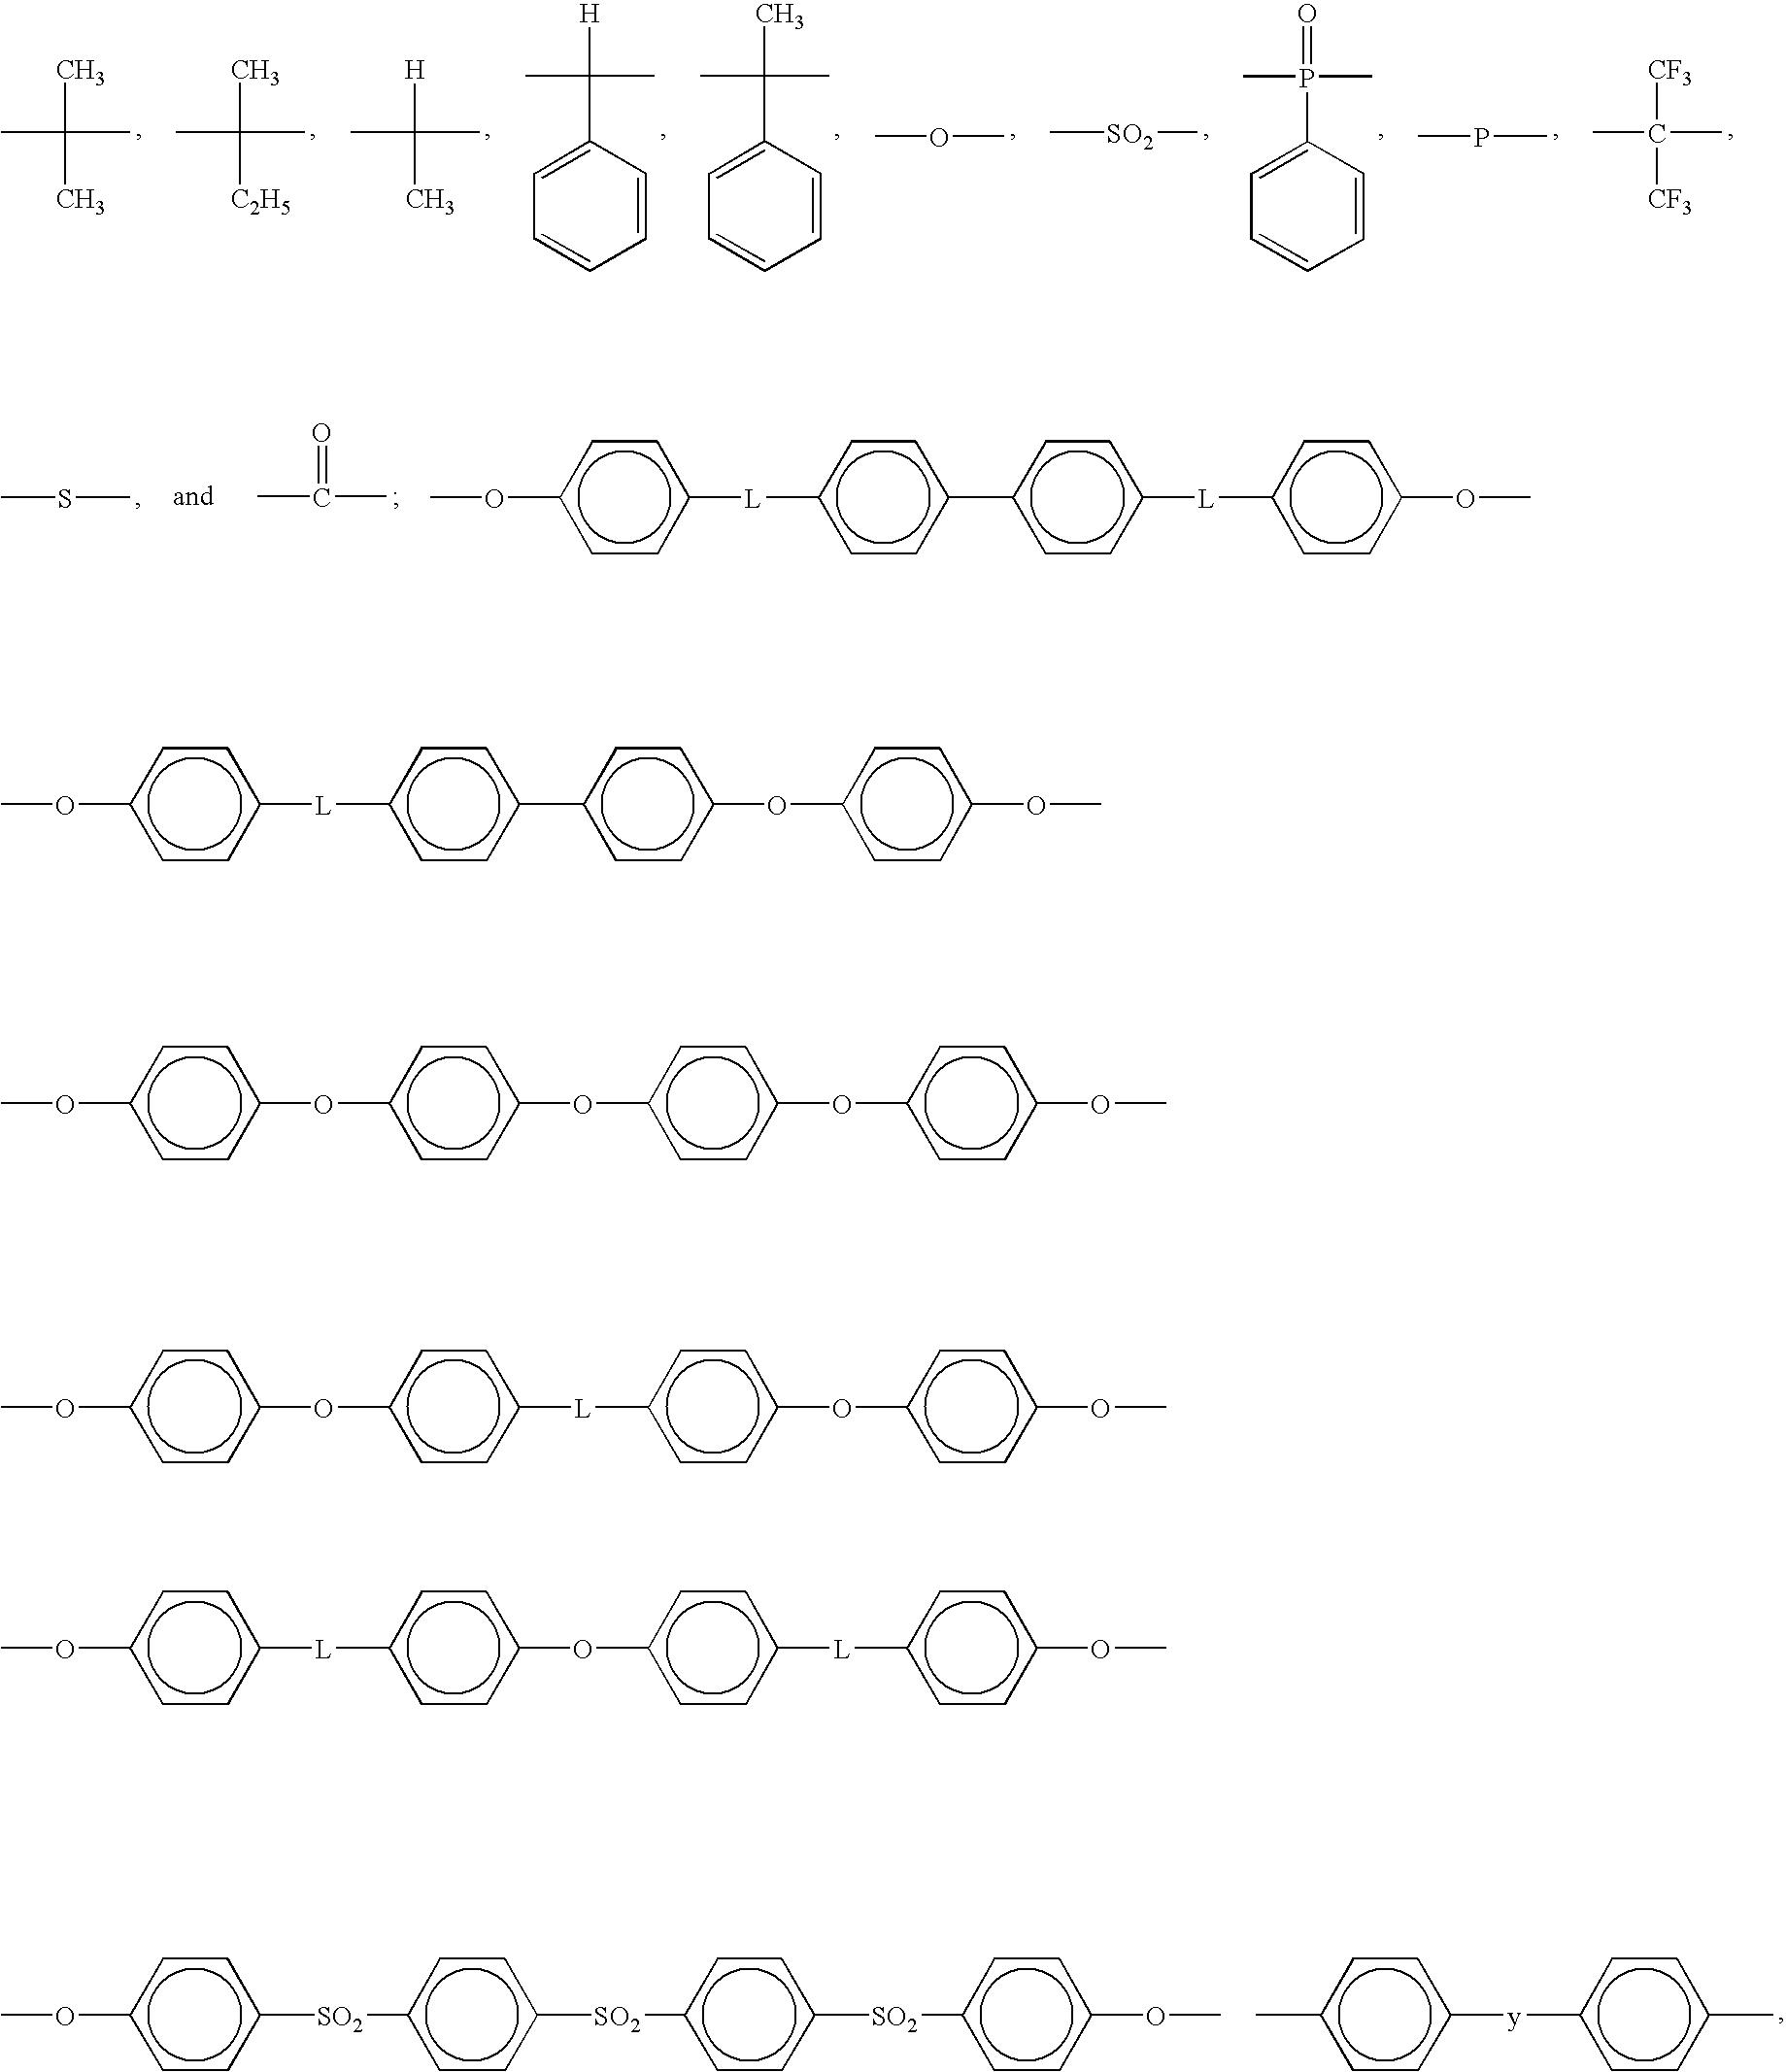 Figure US07825211-20101102-C00015